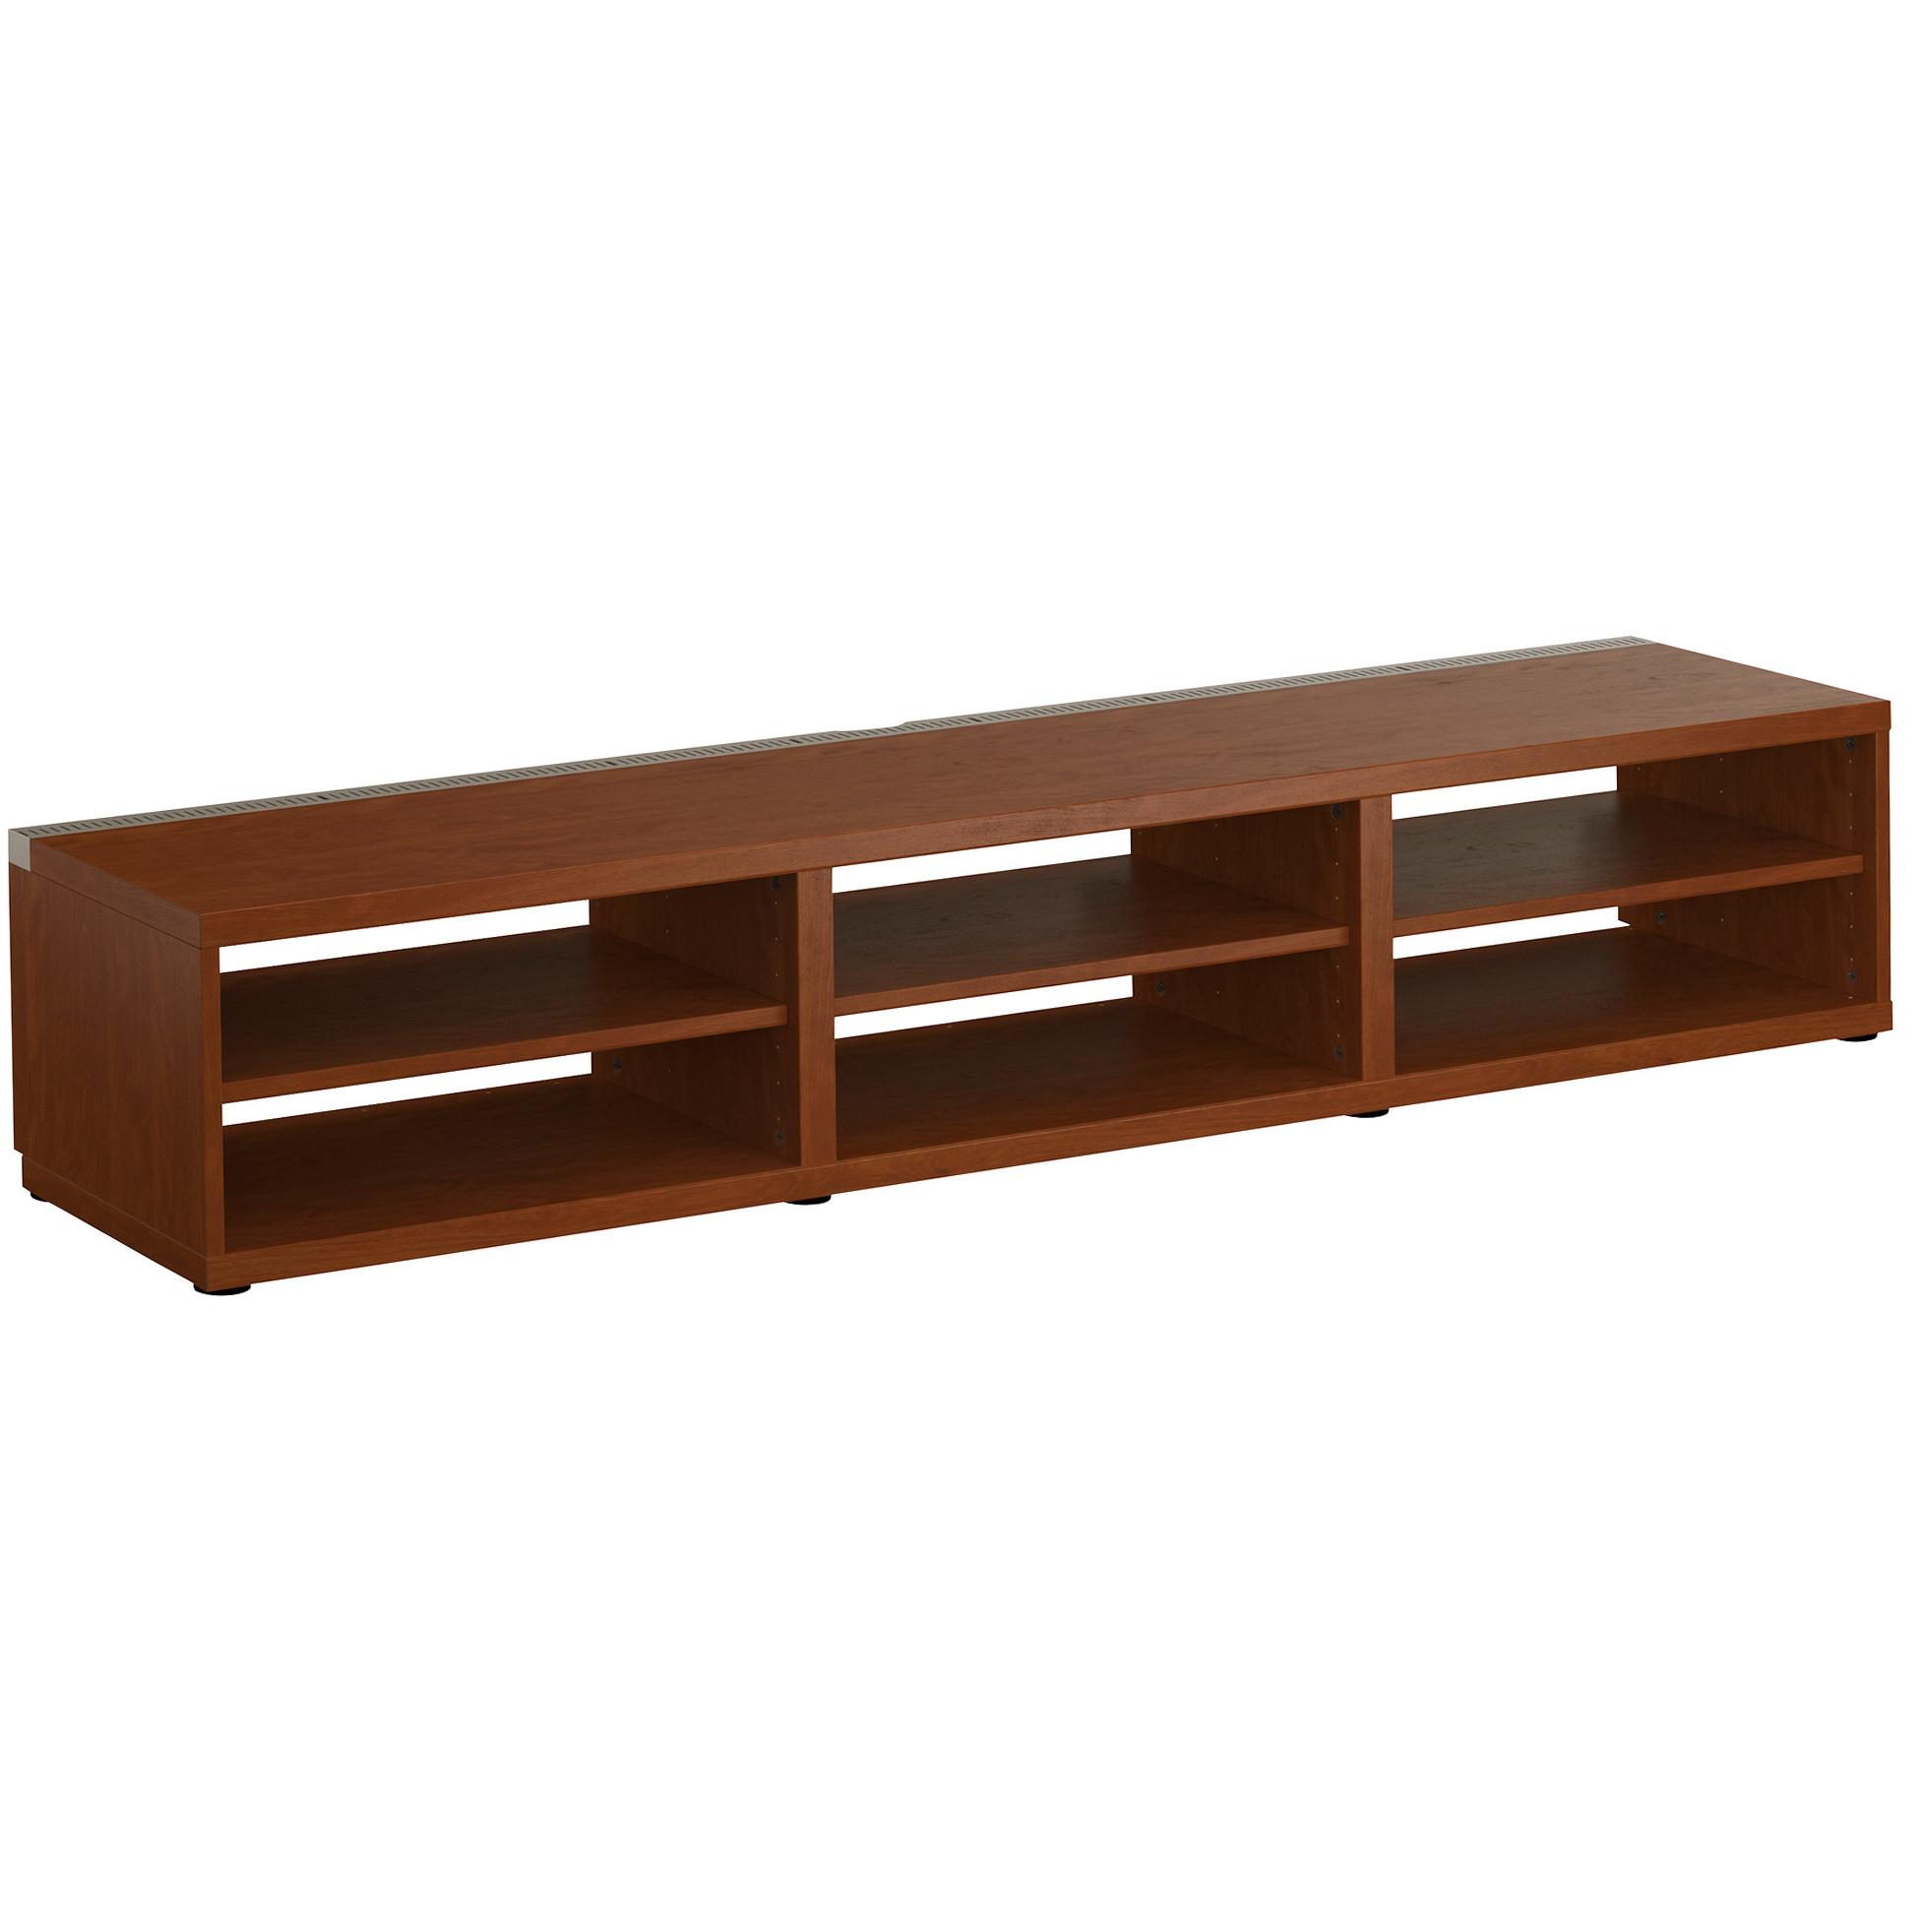 Ikea Tv Wall Shelves